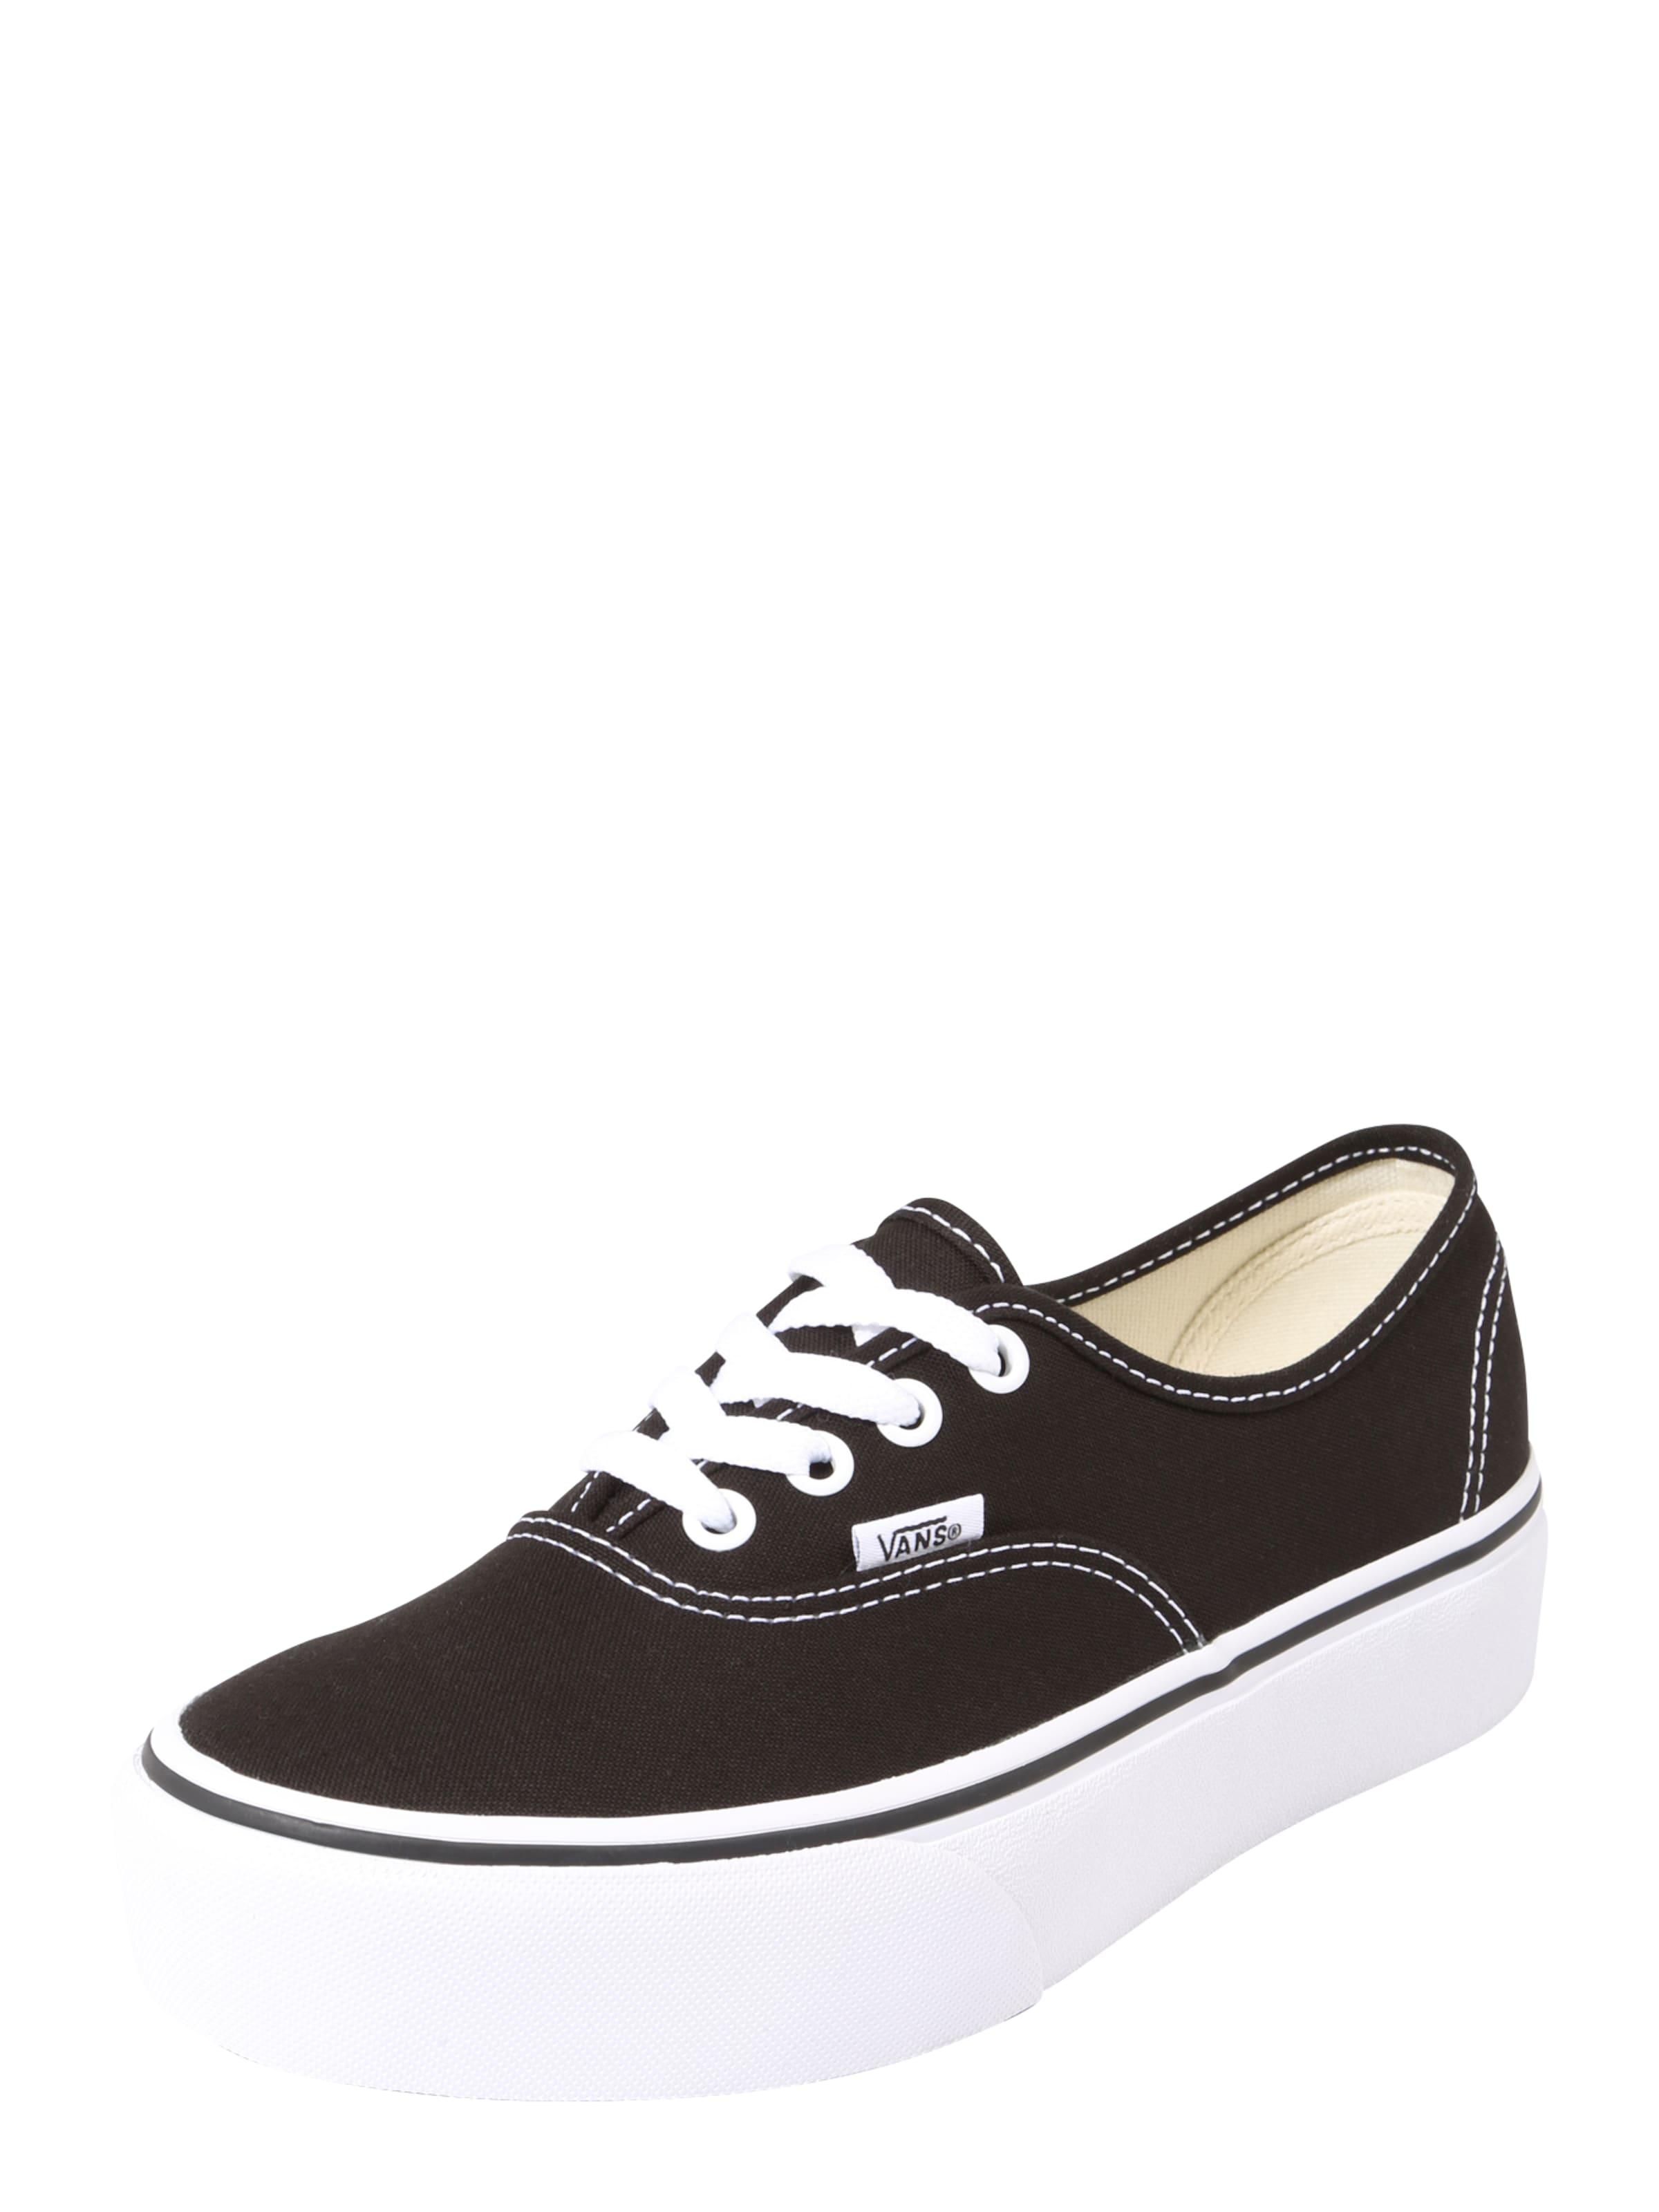 Chaussures Vans Plate-forme D'authentification De Couche 2,0 « Noir / Blanc